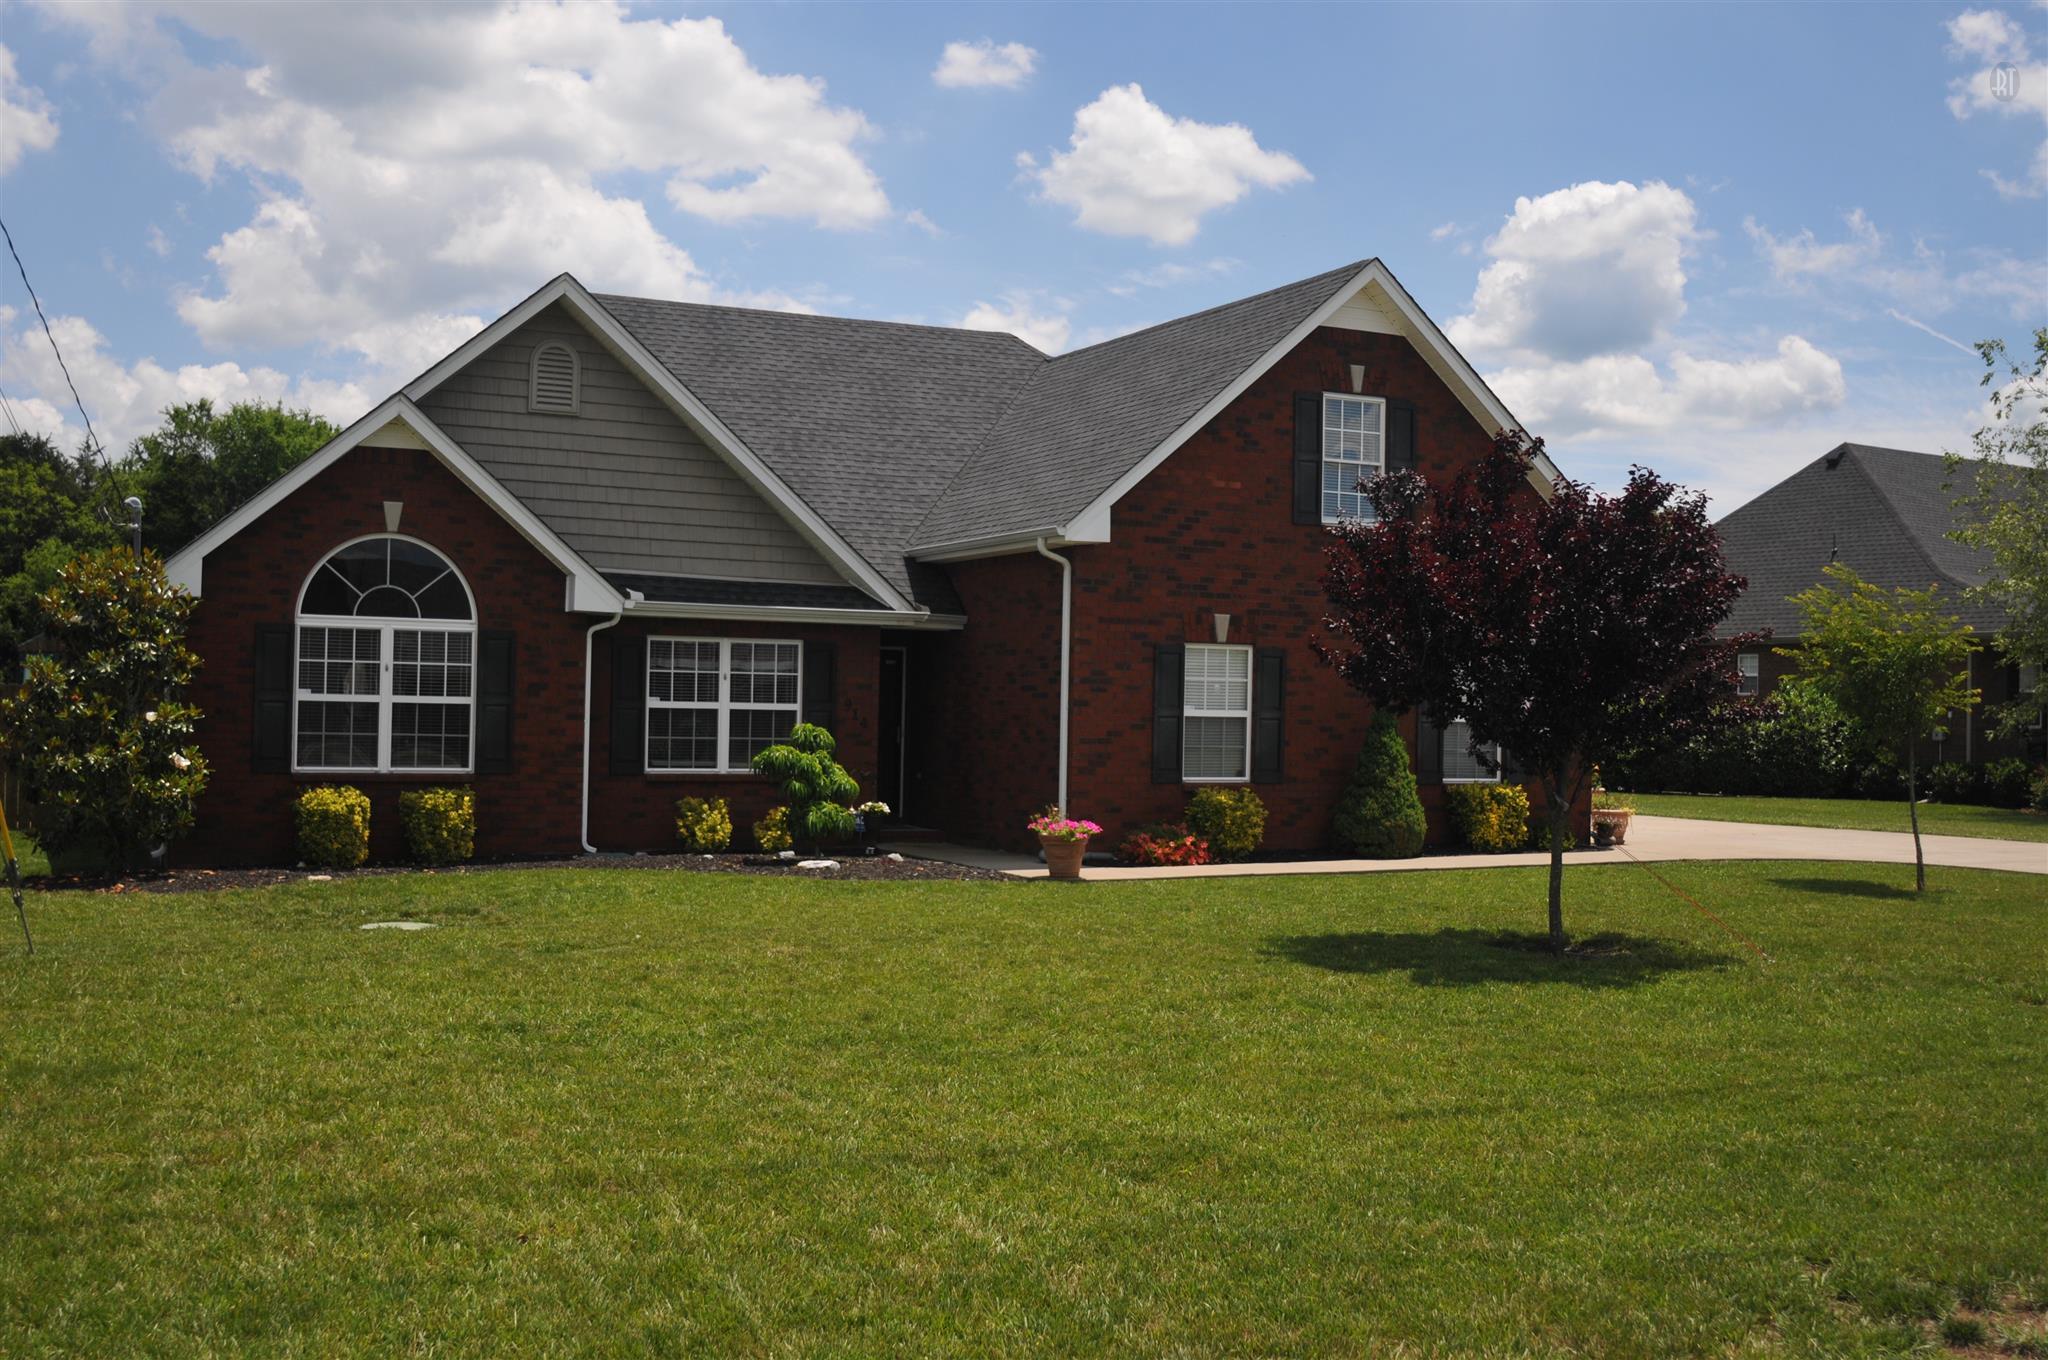 914 Nimbus Ln, Murfreesboro, TN 37127